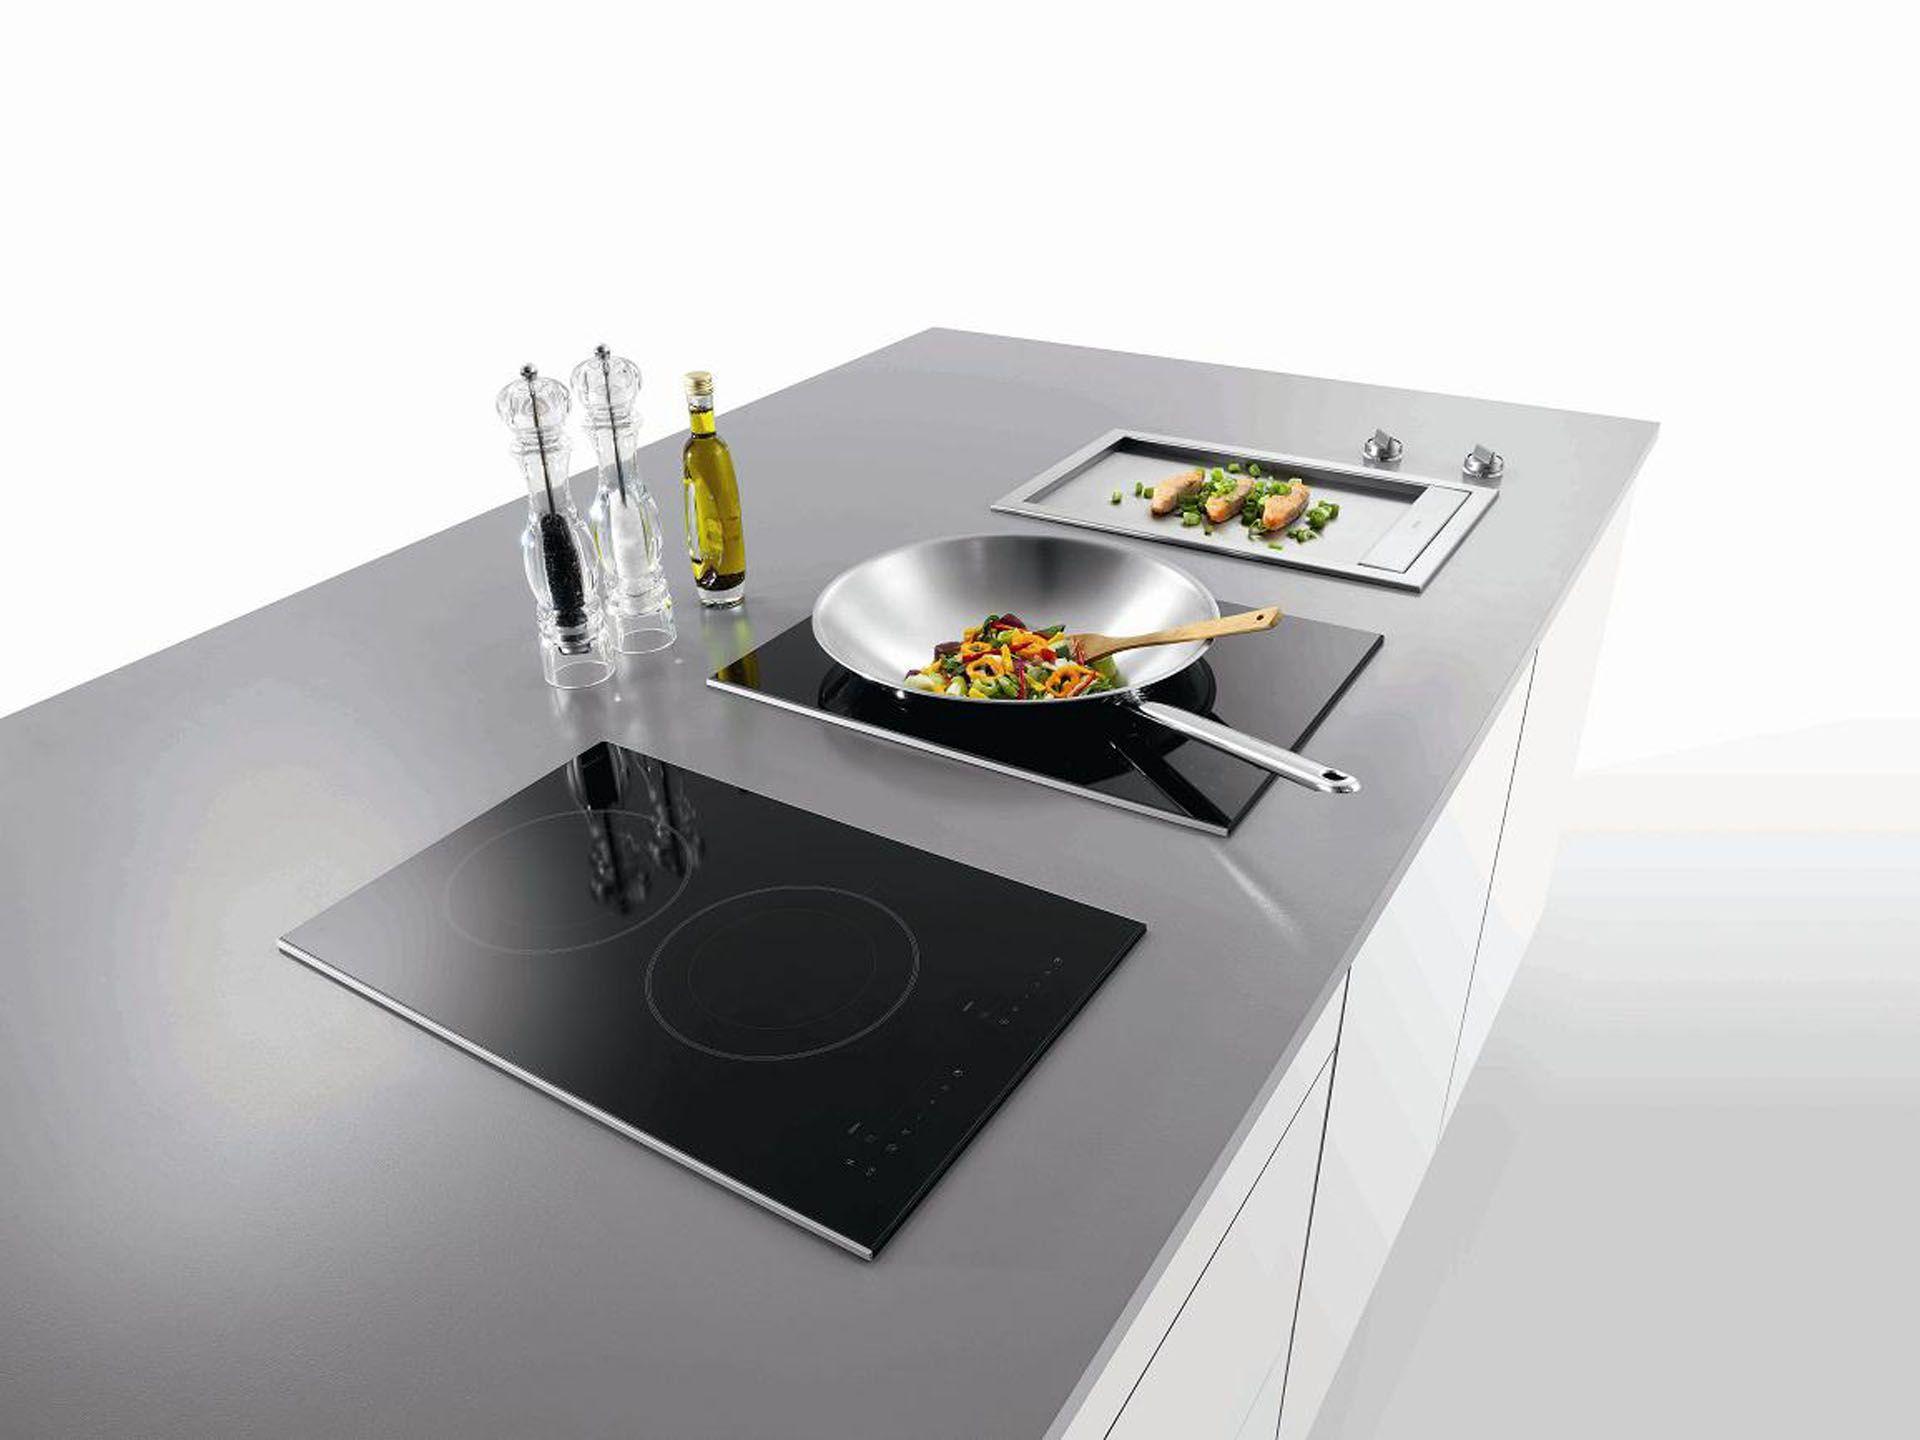 Inductiekookplaat Met Wokbrander : Atag inductie kookplaat met wok en teppanyaki grill home